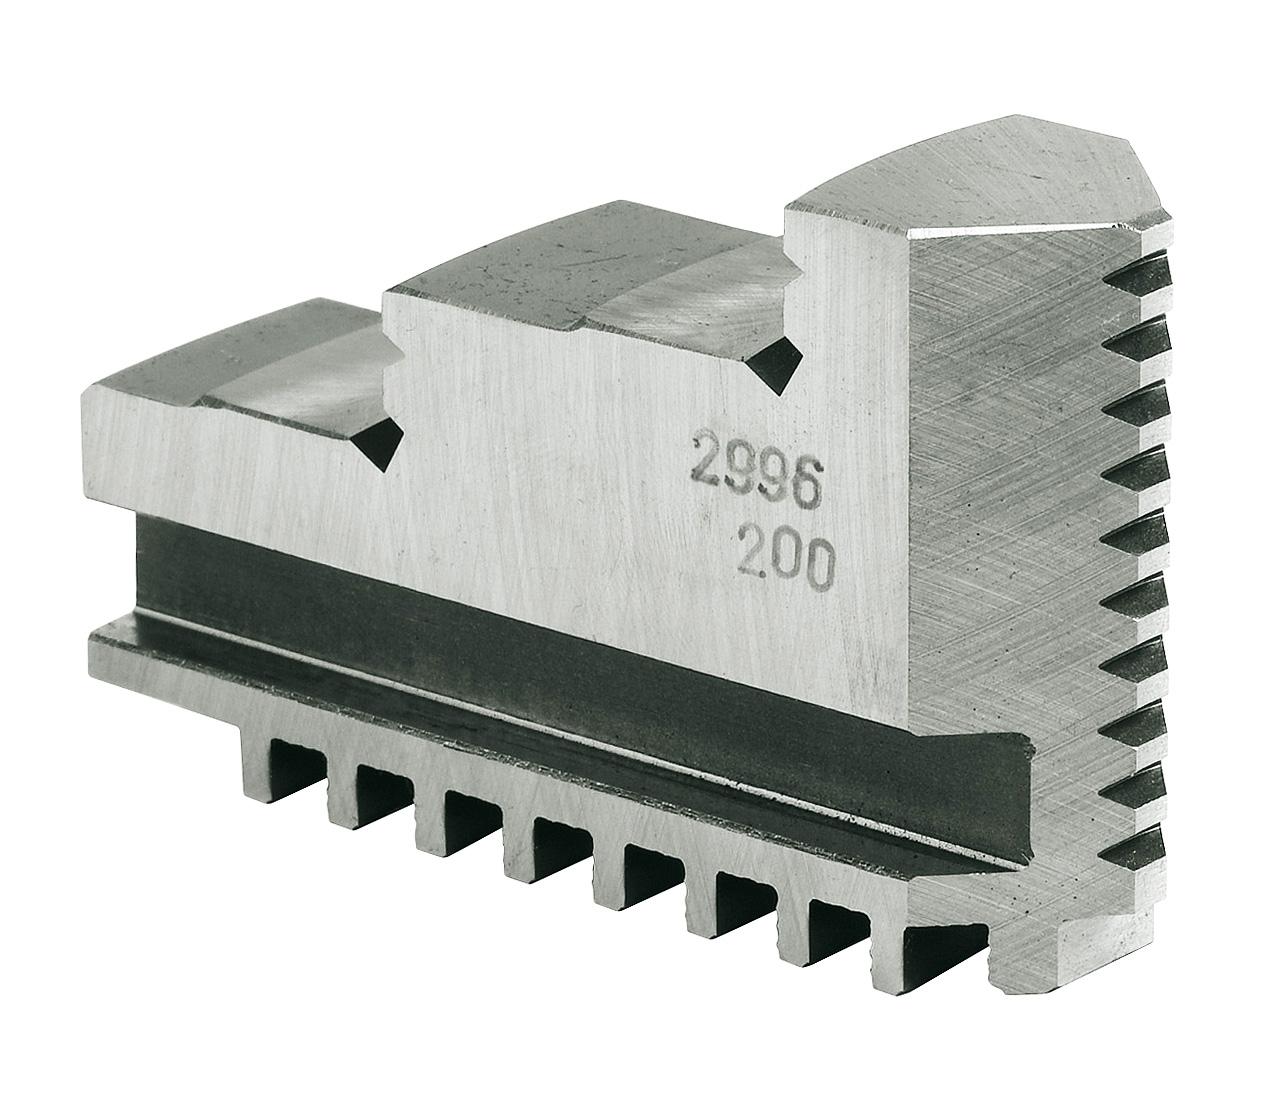 Szczęki jednolite twarde zewnętrzne - komplet DOJ-DK11-630 BERNARDO